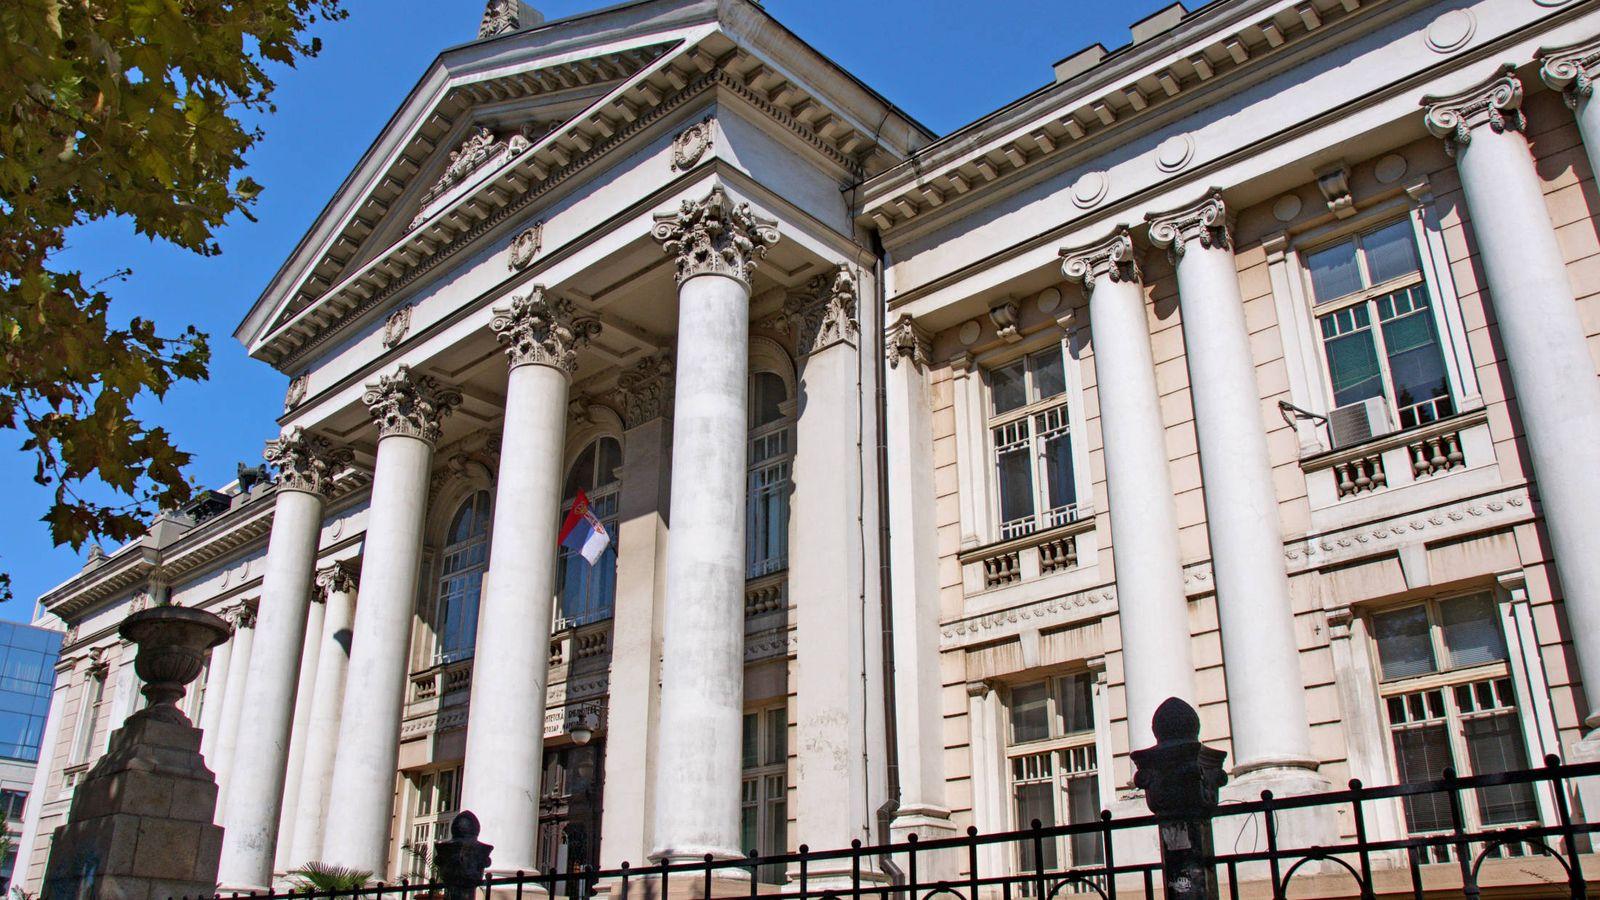 Foto: Biblioteca de la Universidad de Belgrado. (CC/Zoran Cvetkovic)